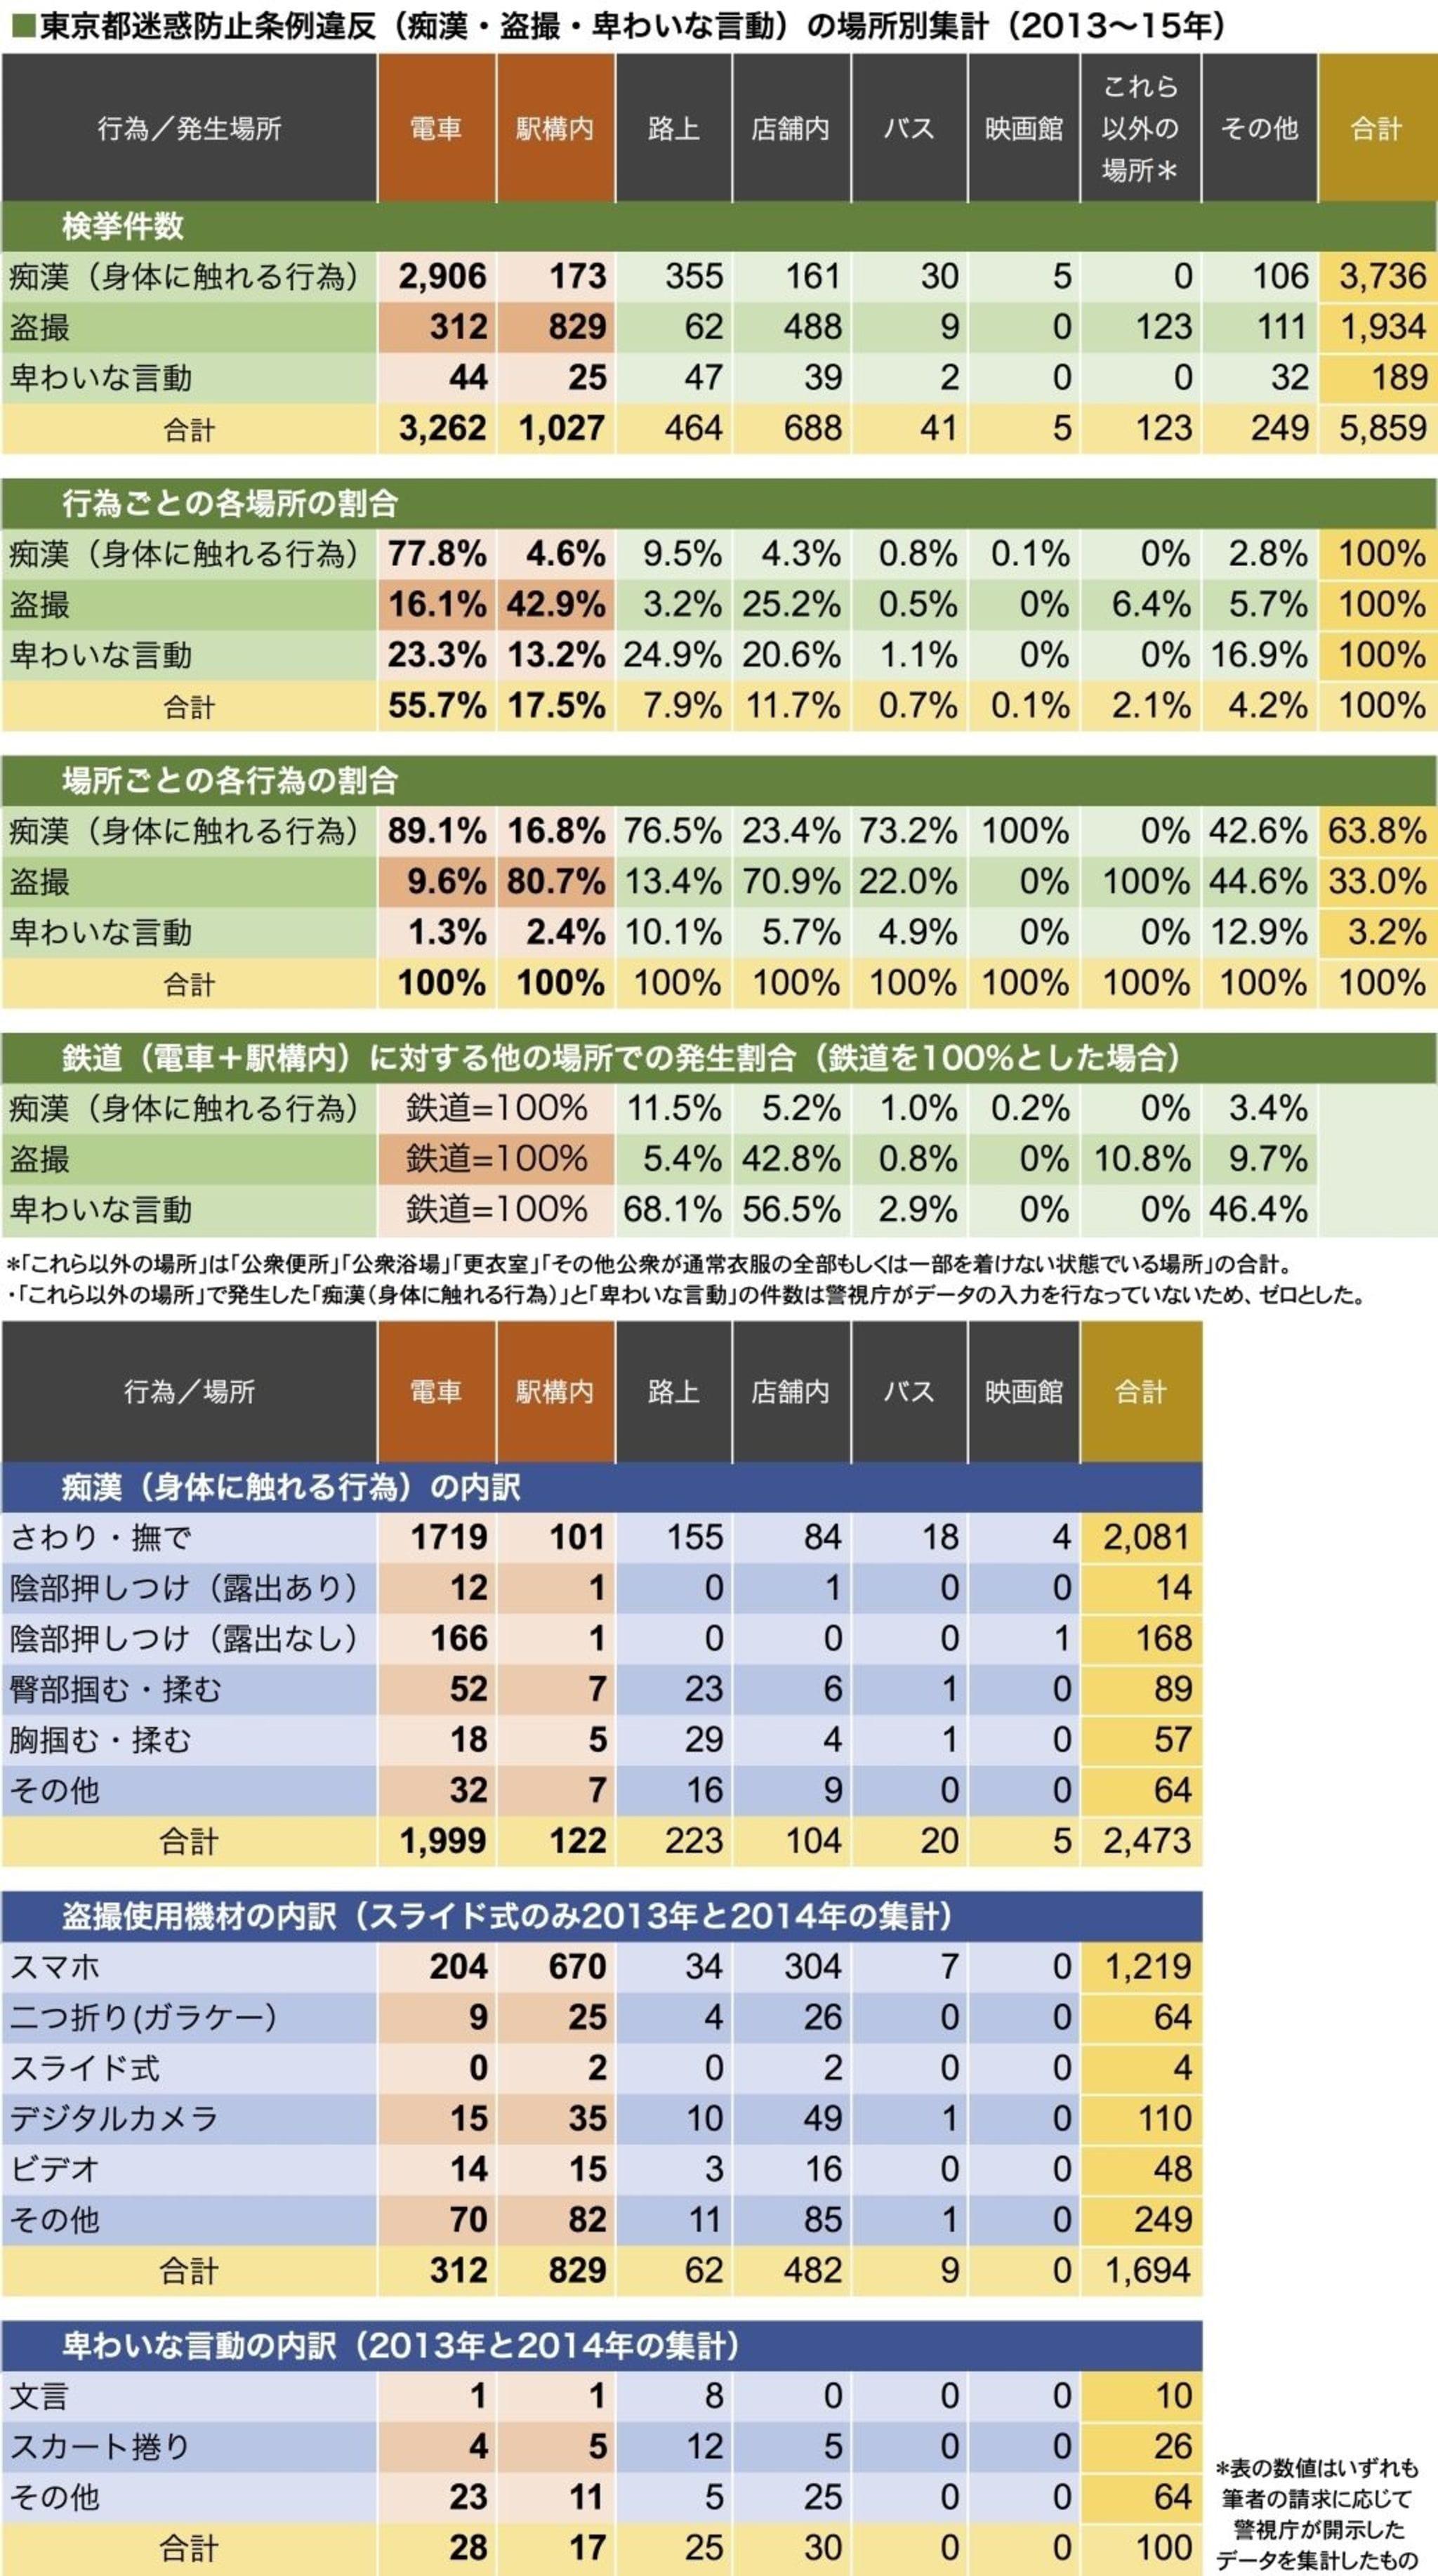 【社会】 都内で性犯罪増加、児童の被害多発 [無断転載禁止]©2ch.net YouTube動画>21本 ->画像>15枚